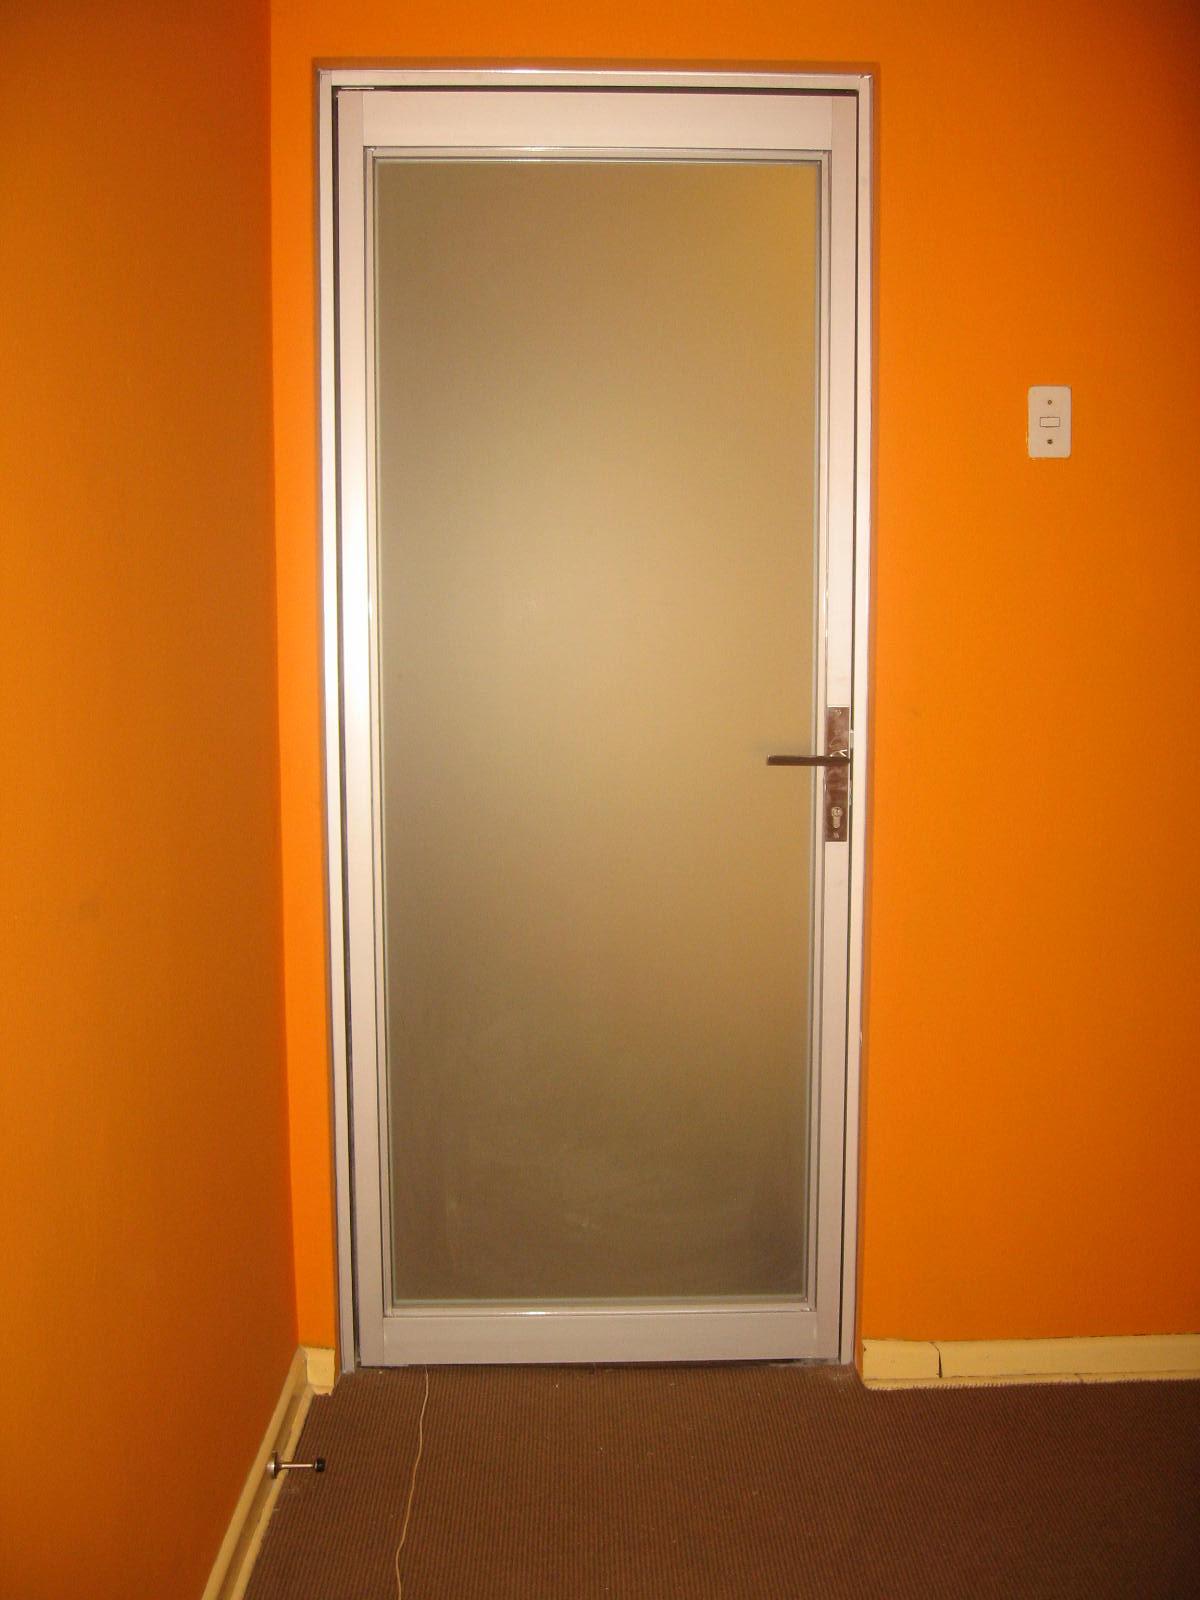 Puertas De Baño Aluminio:Instalacion de Vidrios, Ventanas, Mamparas y Otros: PUERTA DE ALUMINIO